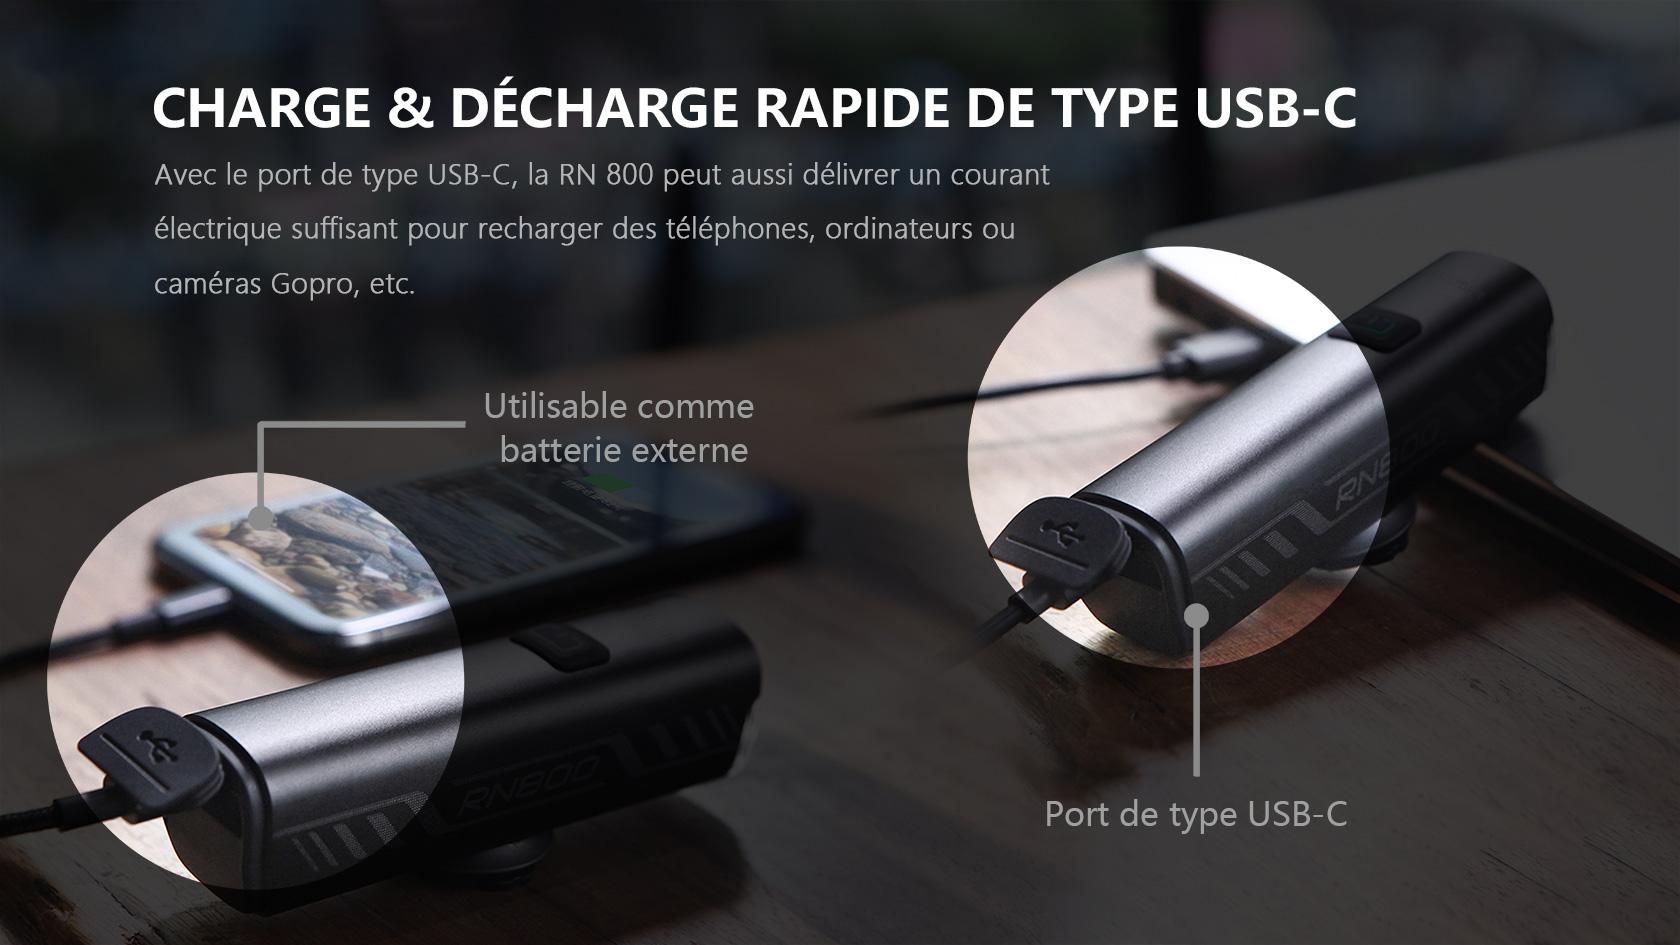 interface de type USB-C lumiere velo avant